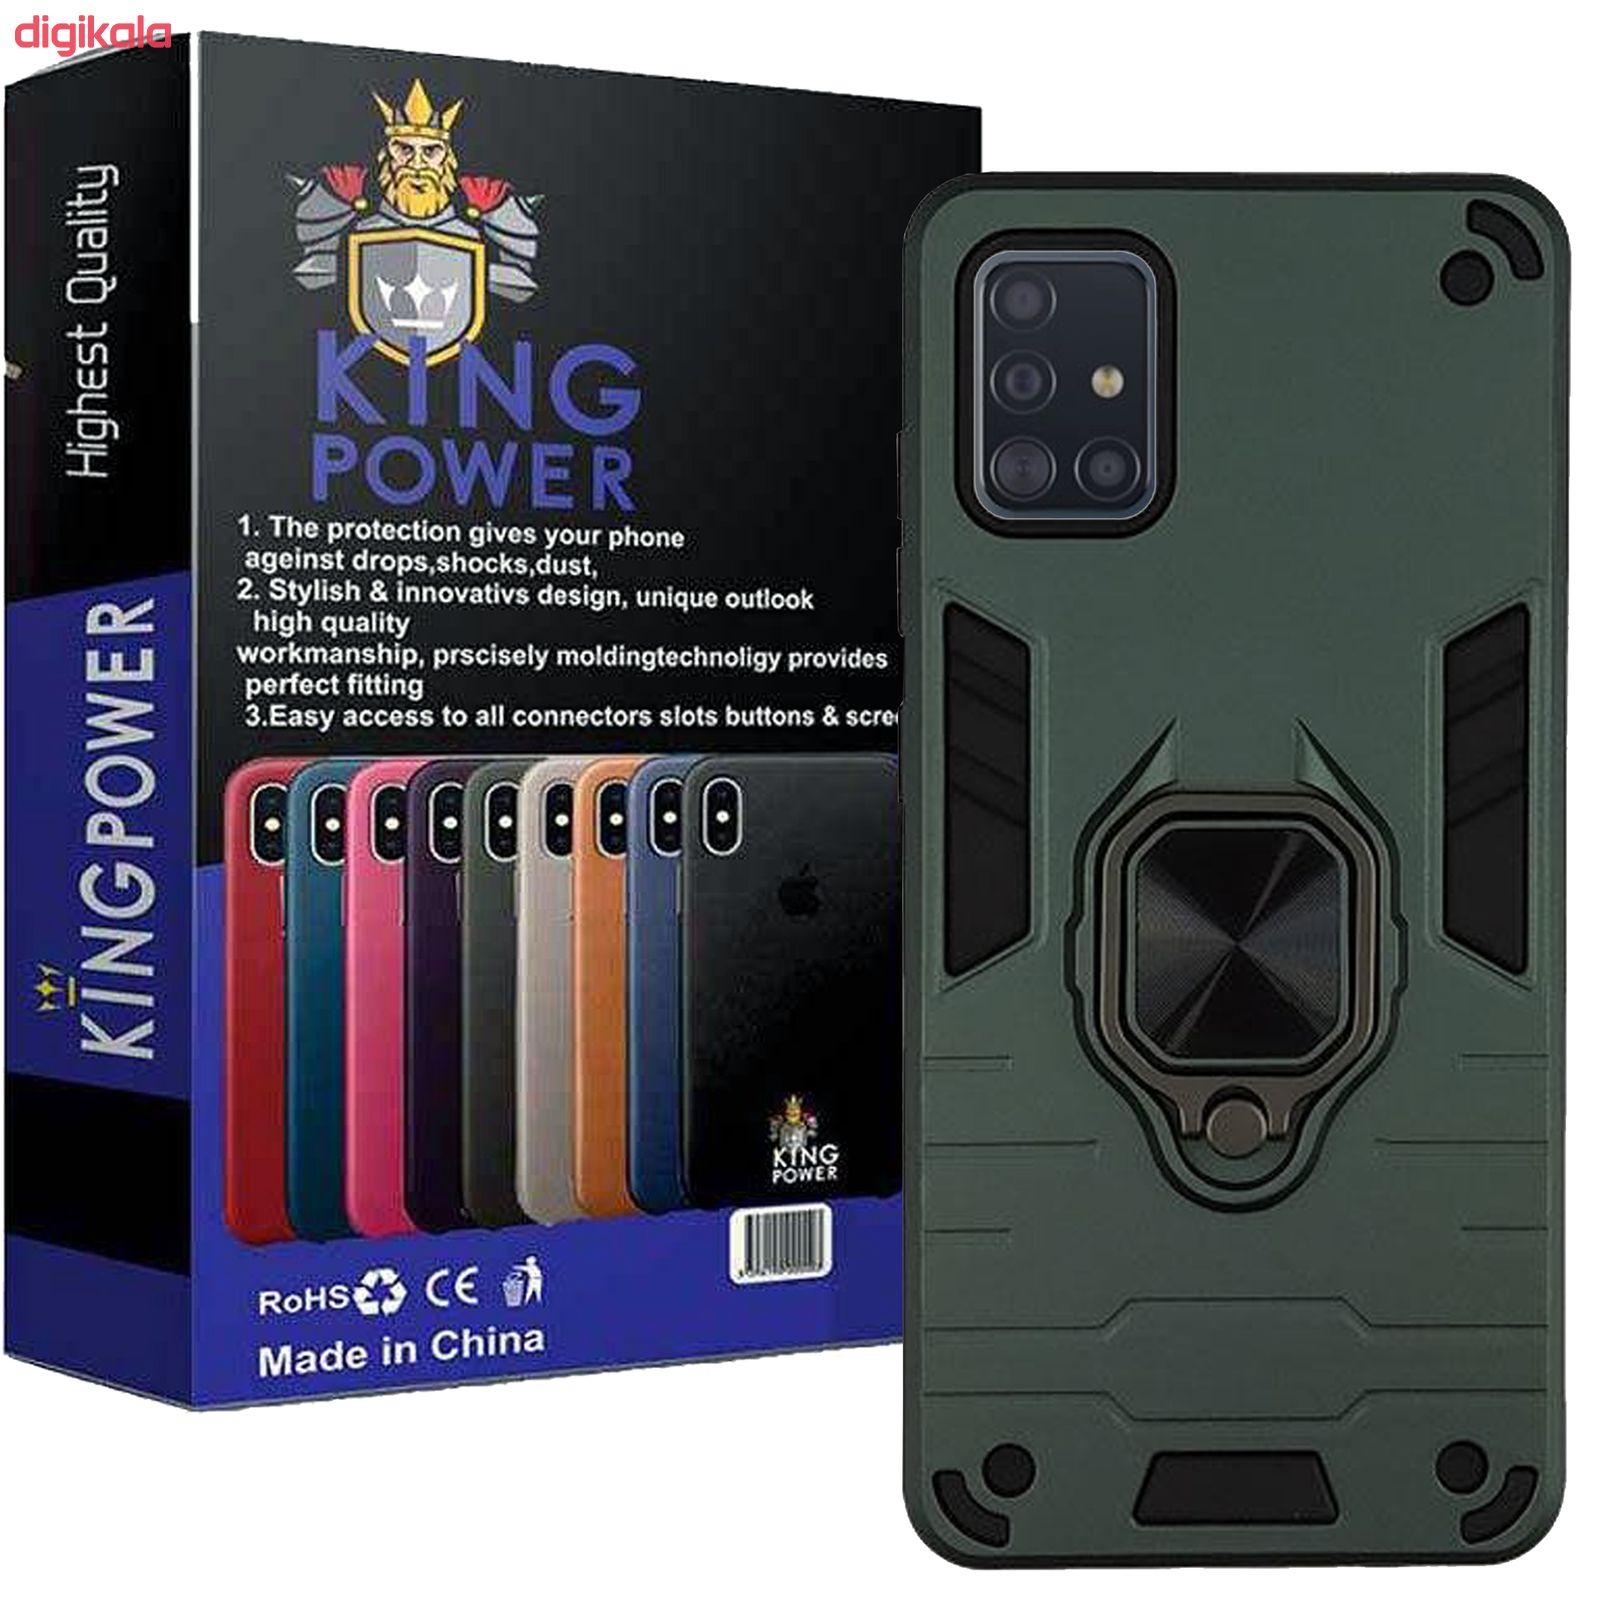 کاور کینگ پاور مدل ASH22 مناسب برای گوشی موبایل سامسونگ Galaxy A51 main 1 2